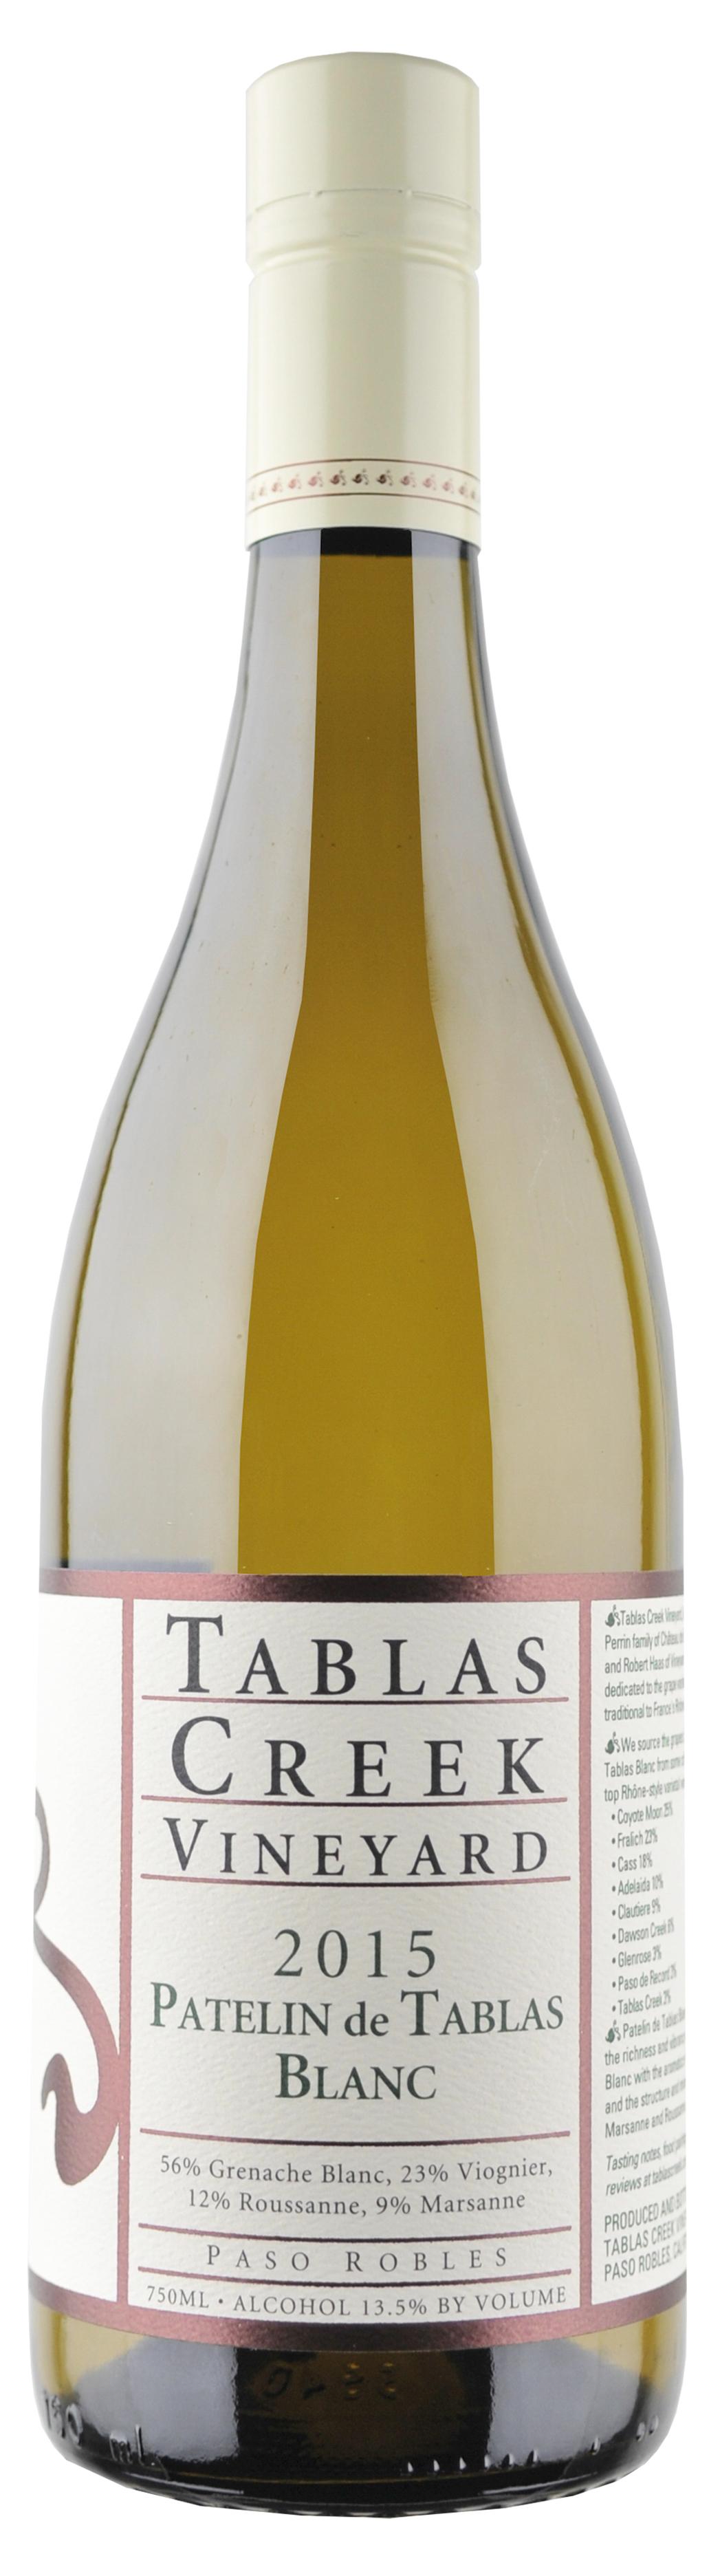 Tablas Creek Patelin de Tablas Blanc 2015 Bottle.jpg